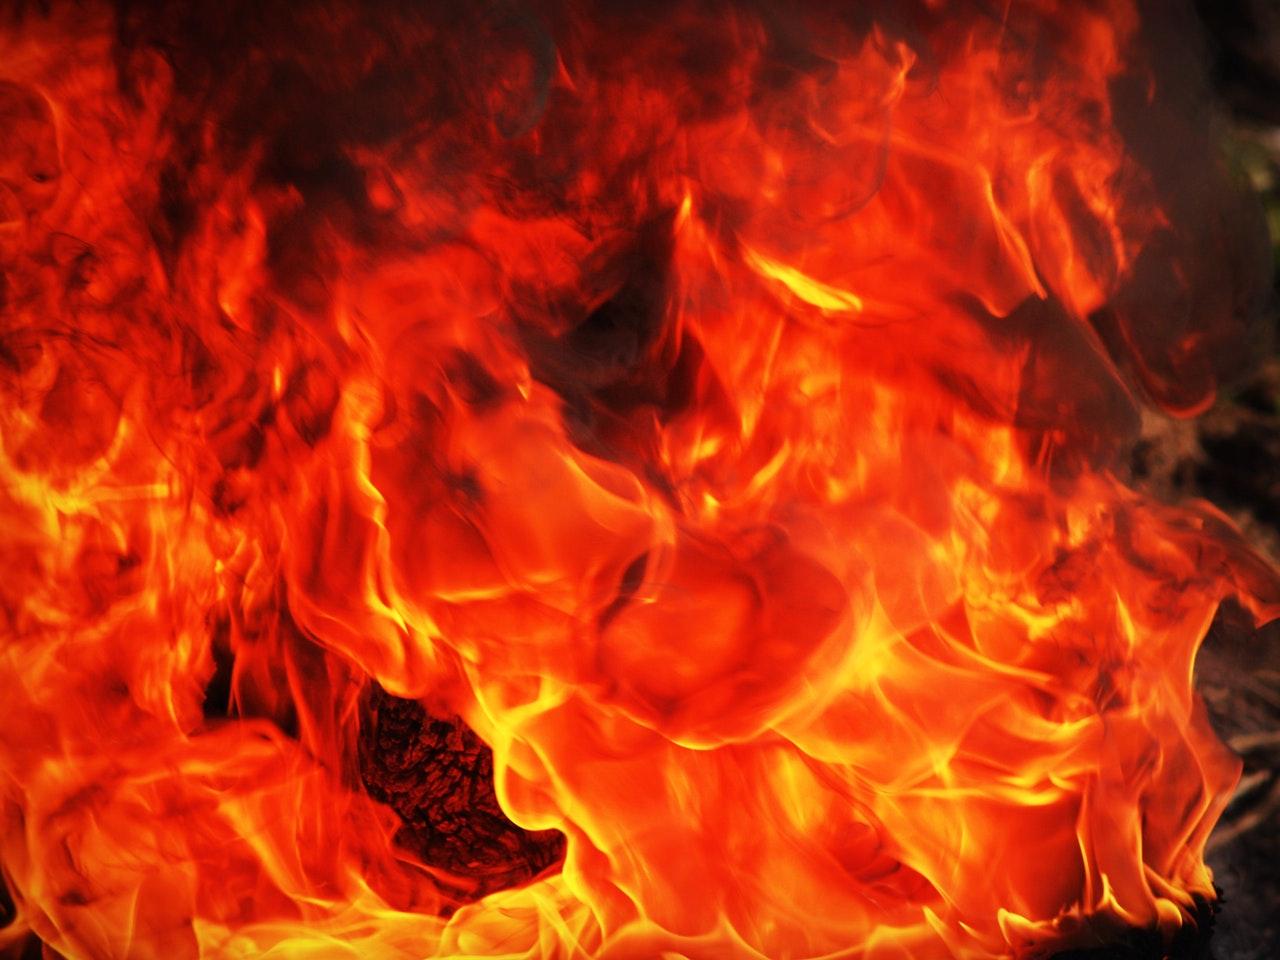 L'Enfer où est-il localisé ? Une question que beaucoup de gens n'arrêtent pas de poser c'est concernant l'enfer, et plus particulièrement l'endroit où il se trouve